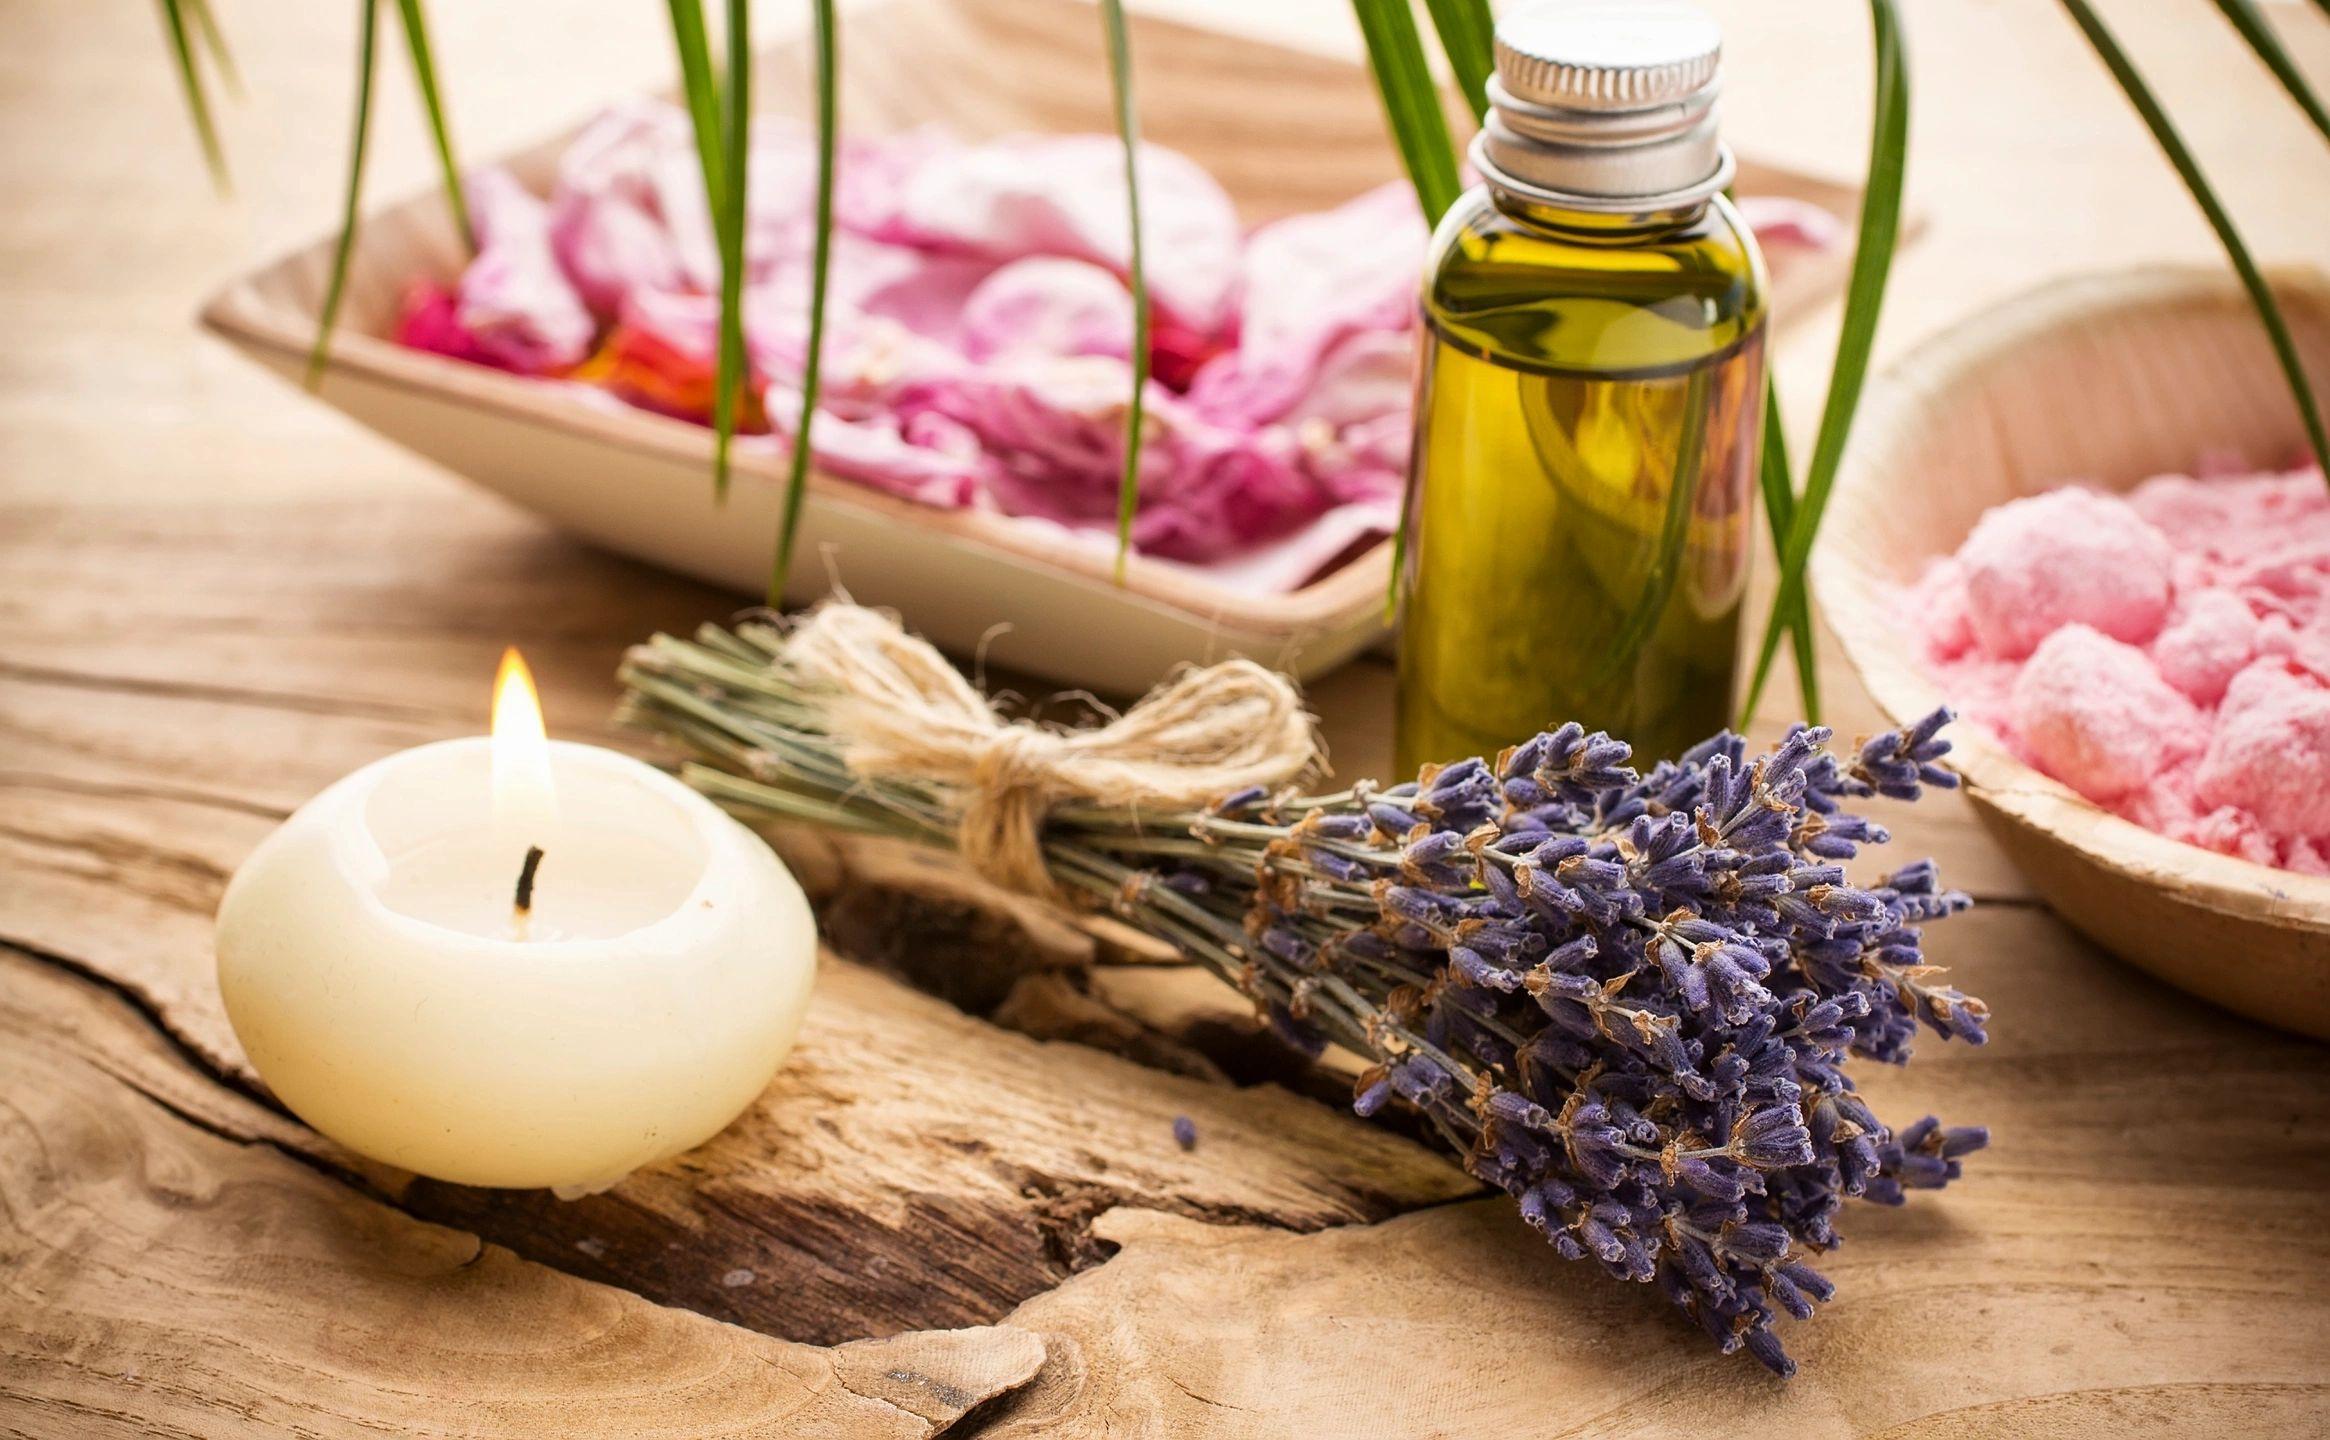 Ароматерапия: эфирные масла в таблице, эффект, как проводить в домашних условиях